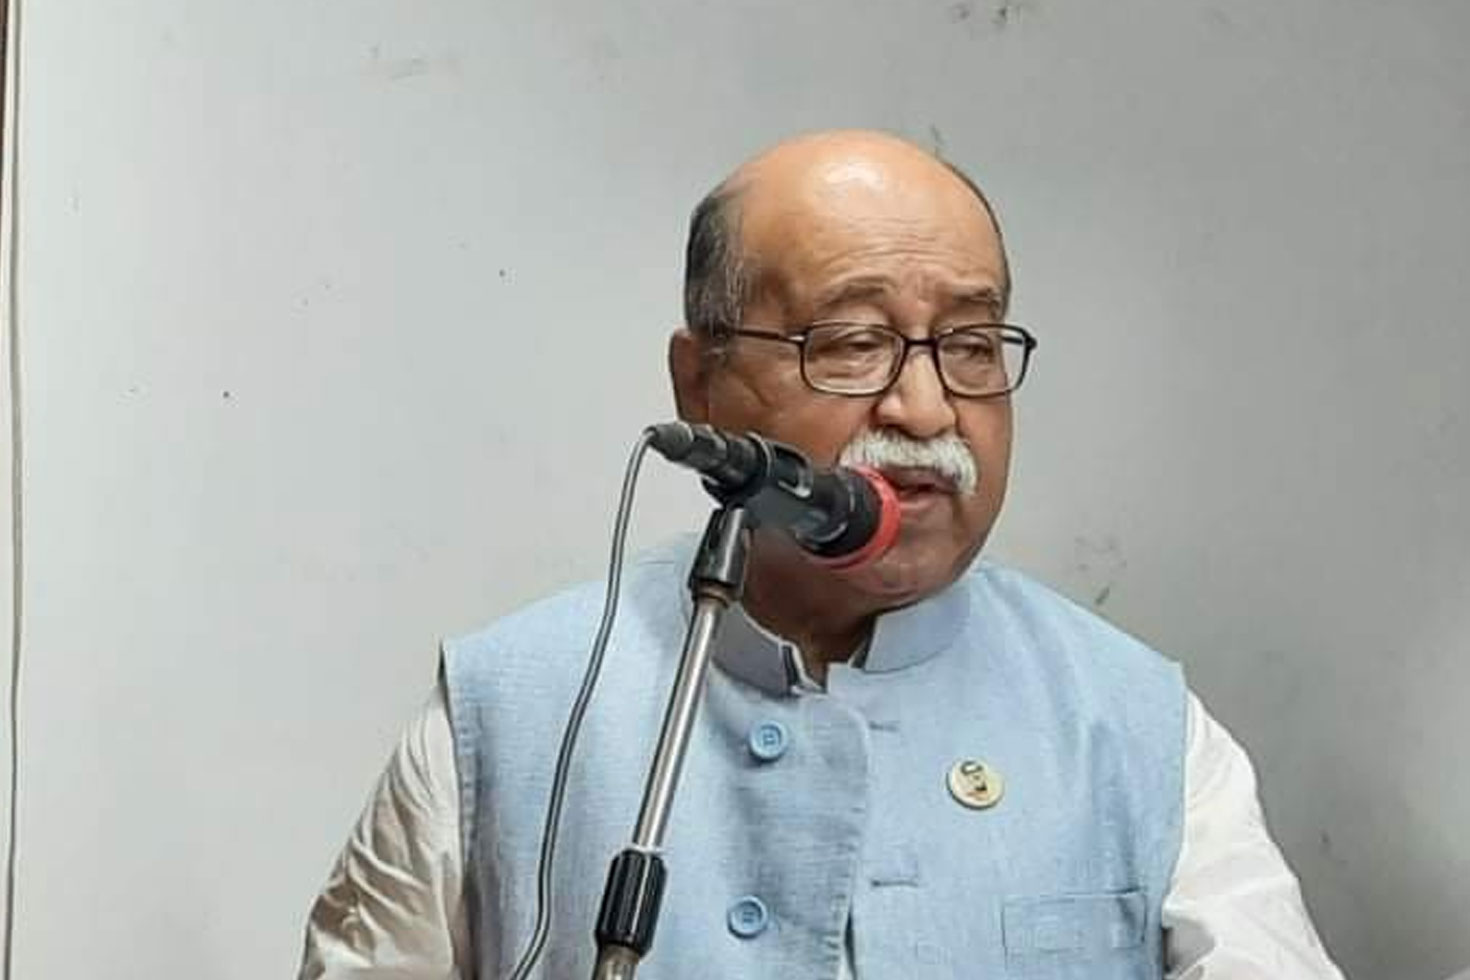 বিএনপিকে 'বাতিলের' দাবি শিল্পমন্ত্রীর